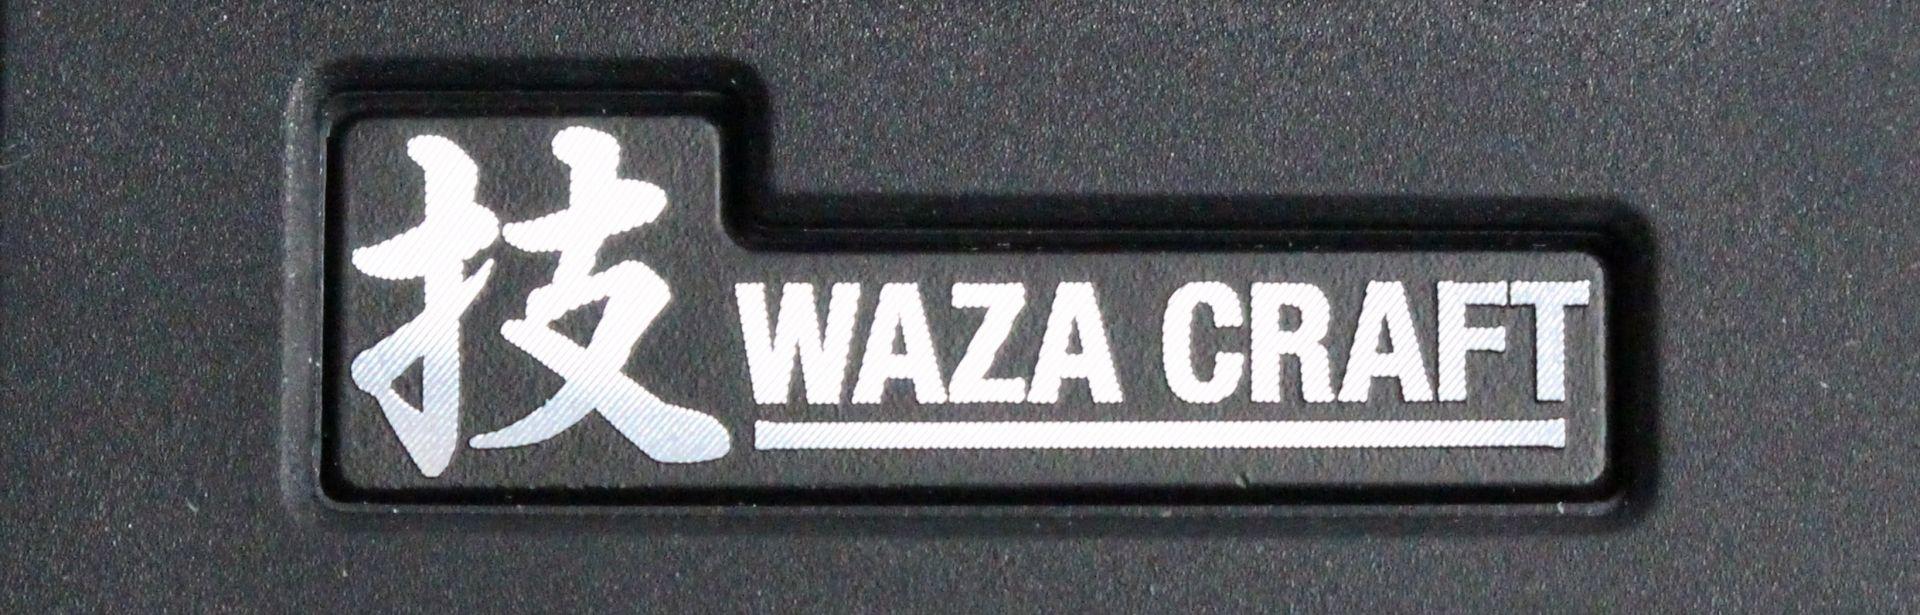 BOSS WAZA CRAFT